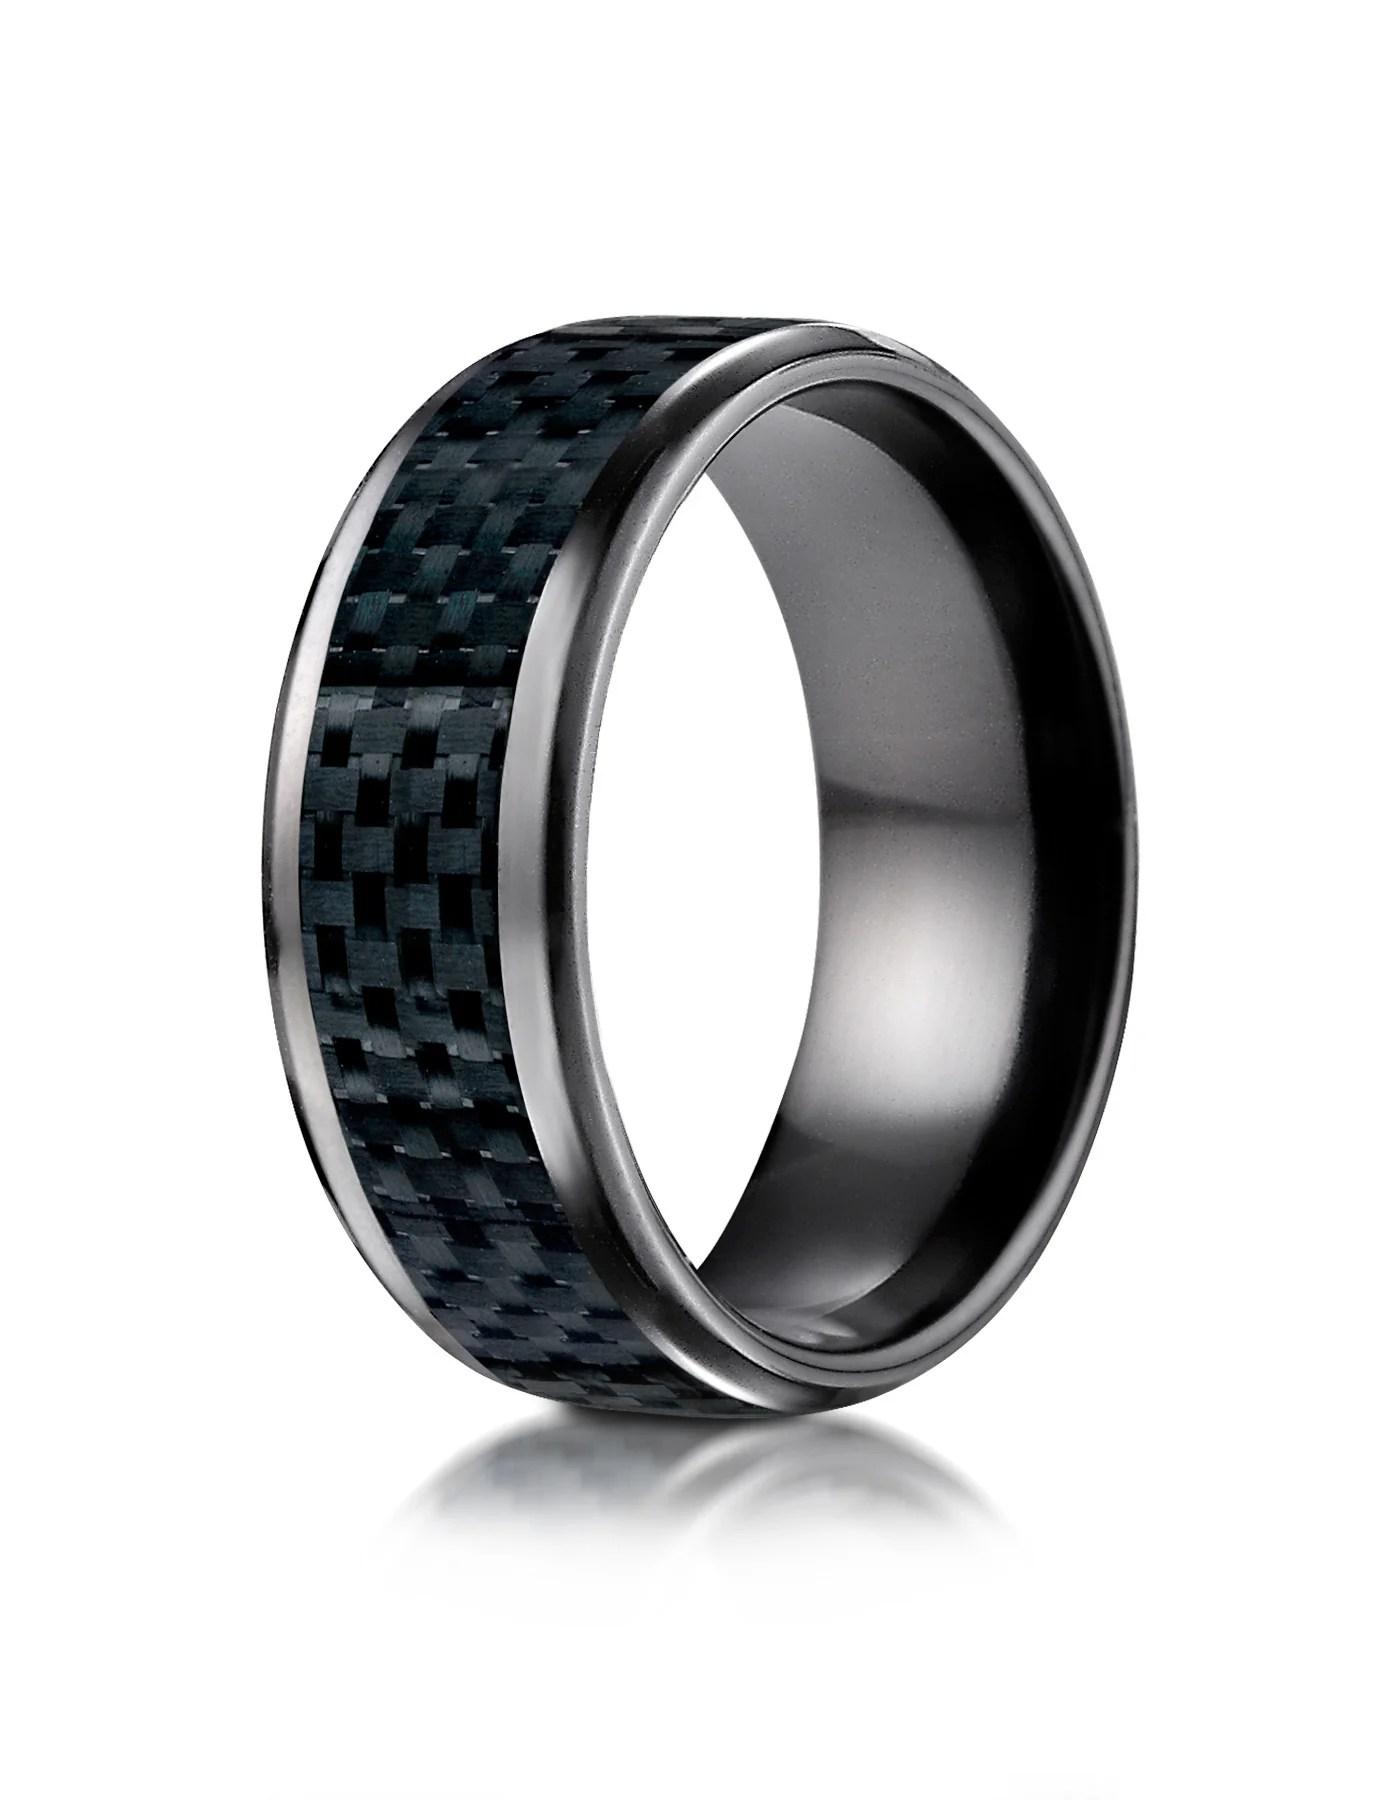 belem black titanium carbon fiber inlay wedding band for men by benchmark carbon fiber wedding bands BELEM Black Titanium Carbon Fiber Inlay Wedding Band for Men